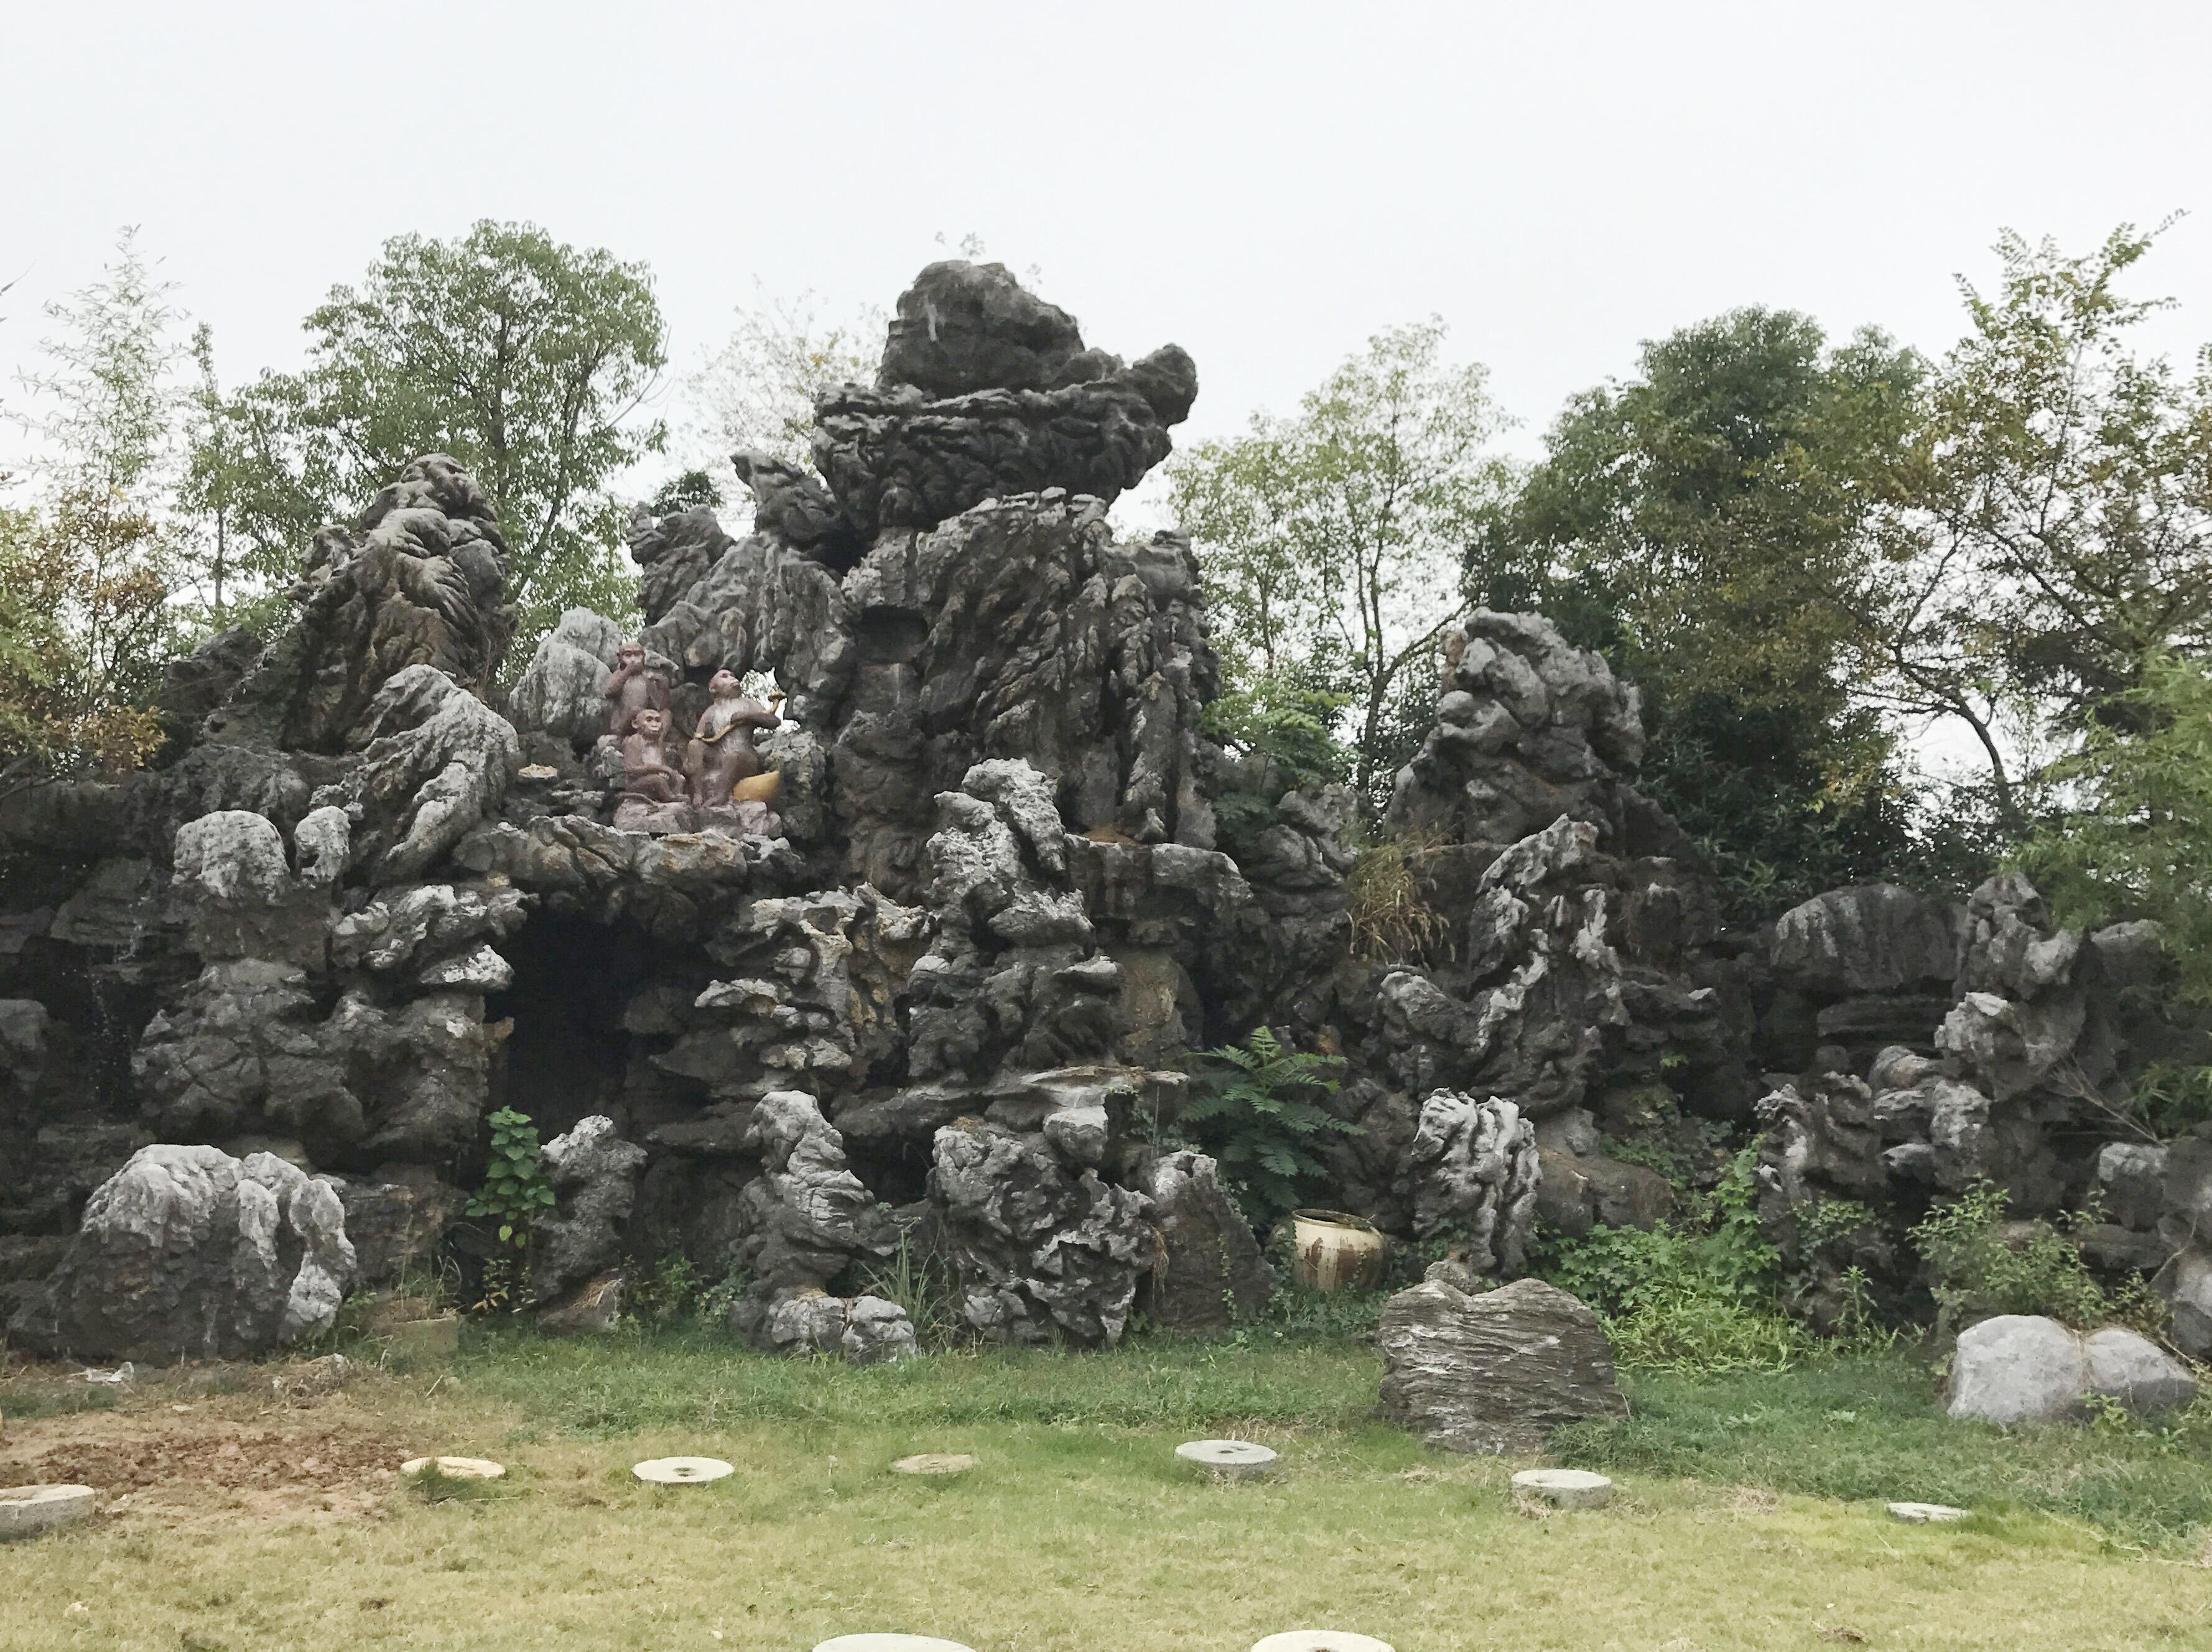 灵璧石假山_灵璧黄蛐蟮石如何_灵璧纹石